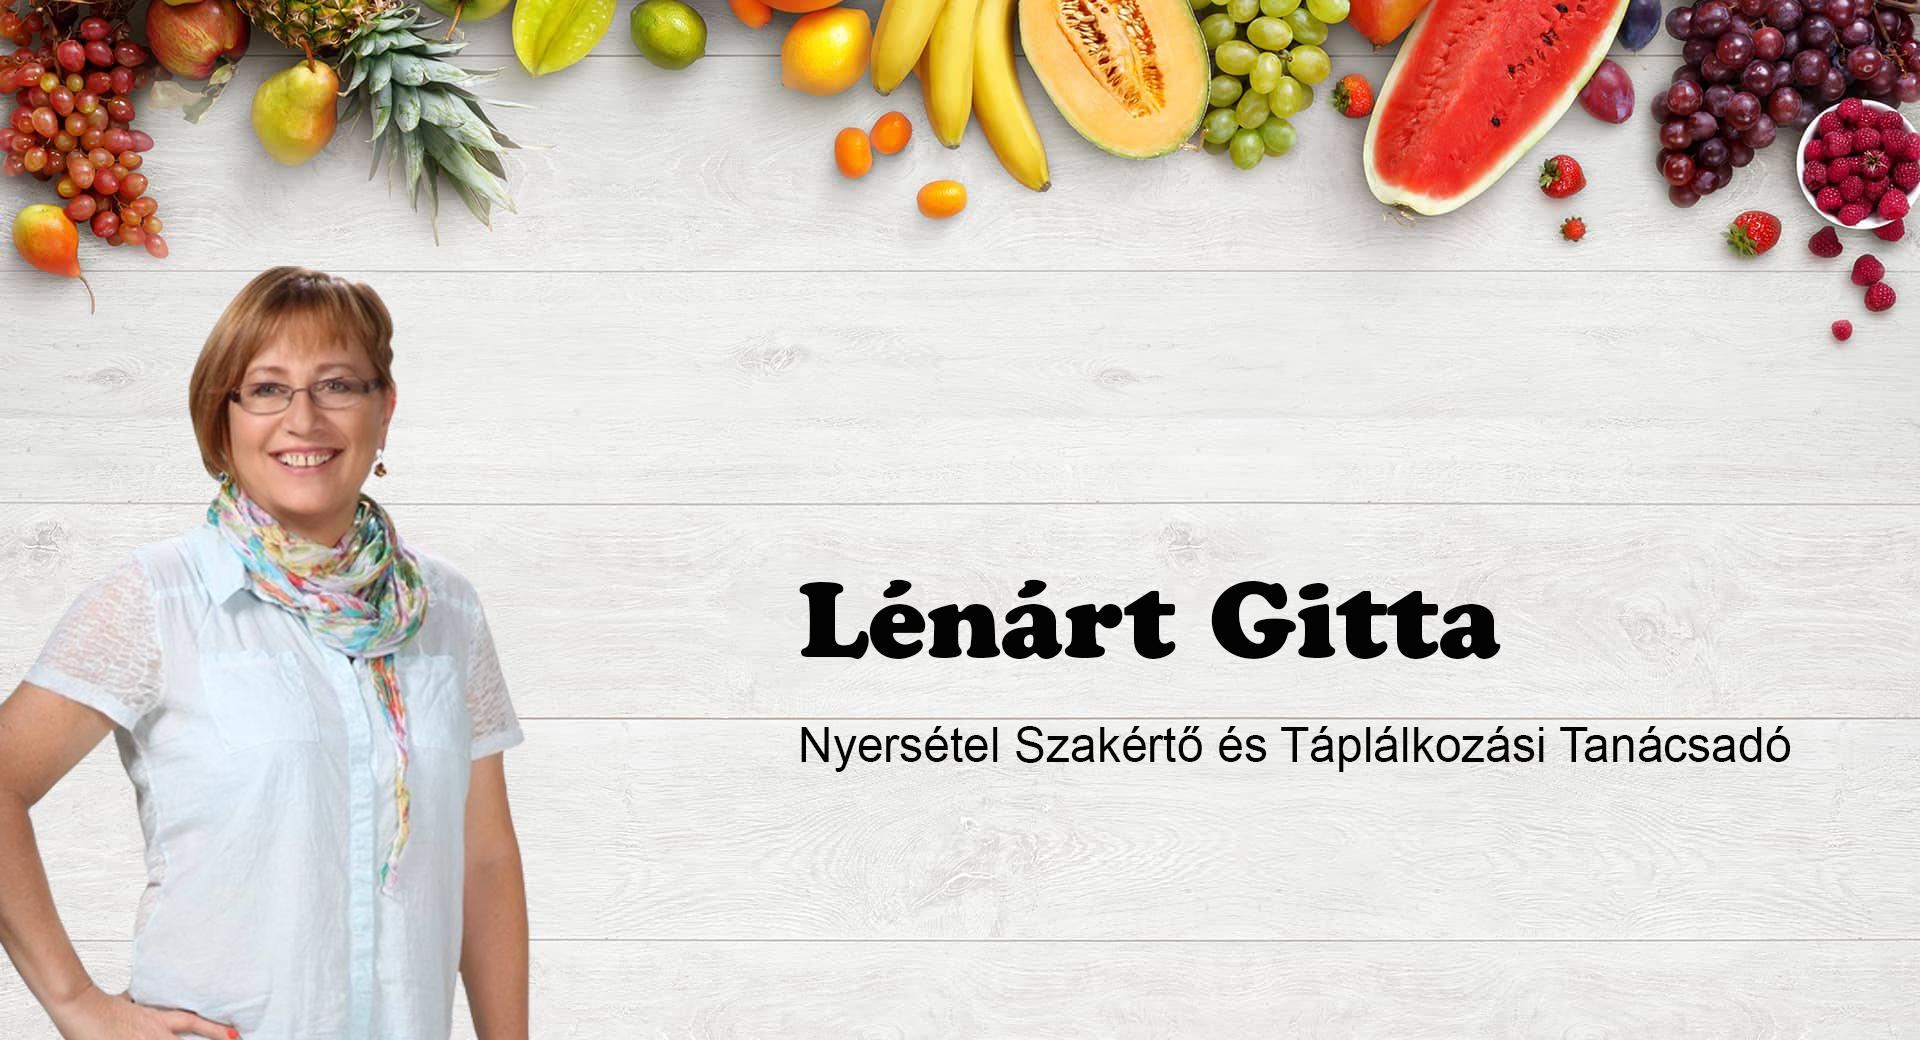 lenart_gitta_slider_banner